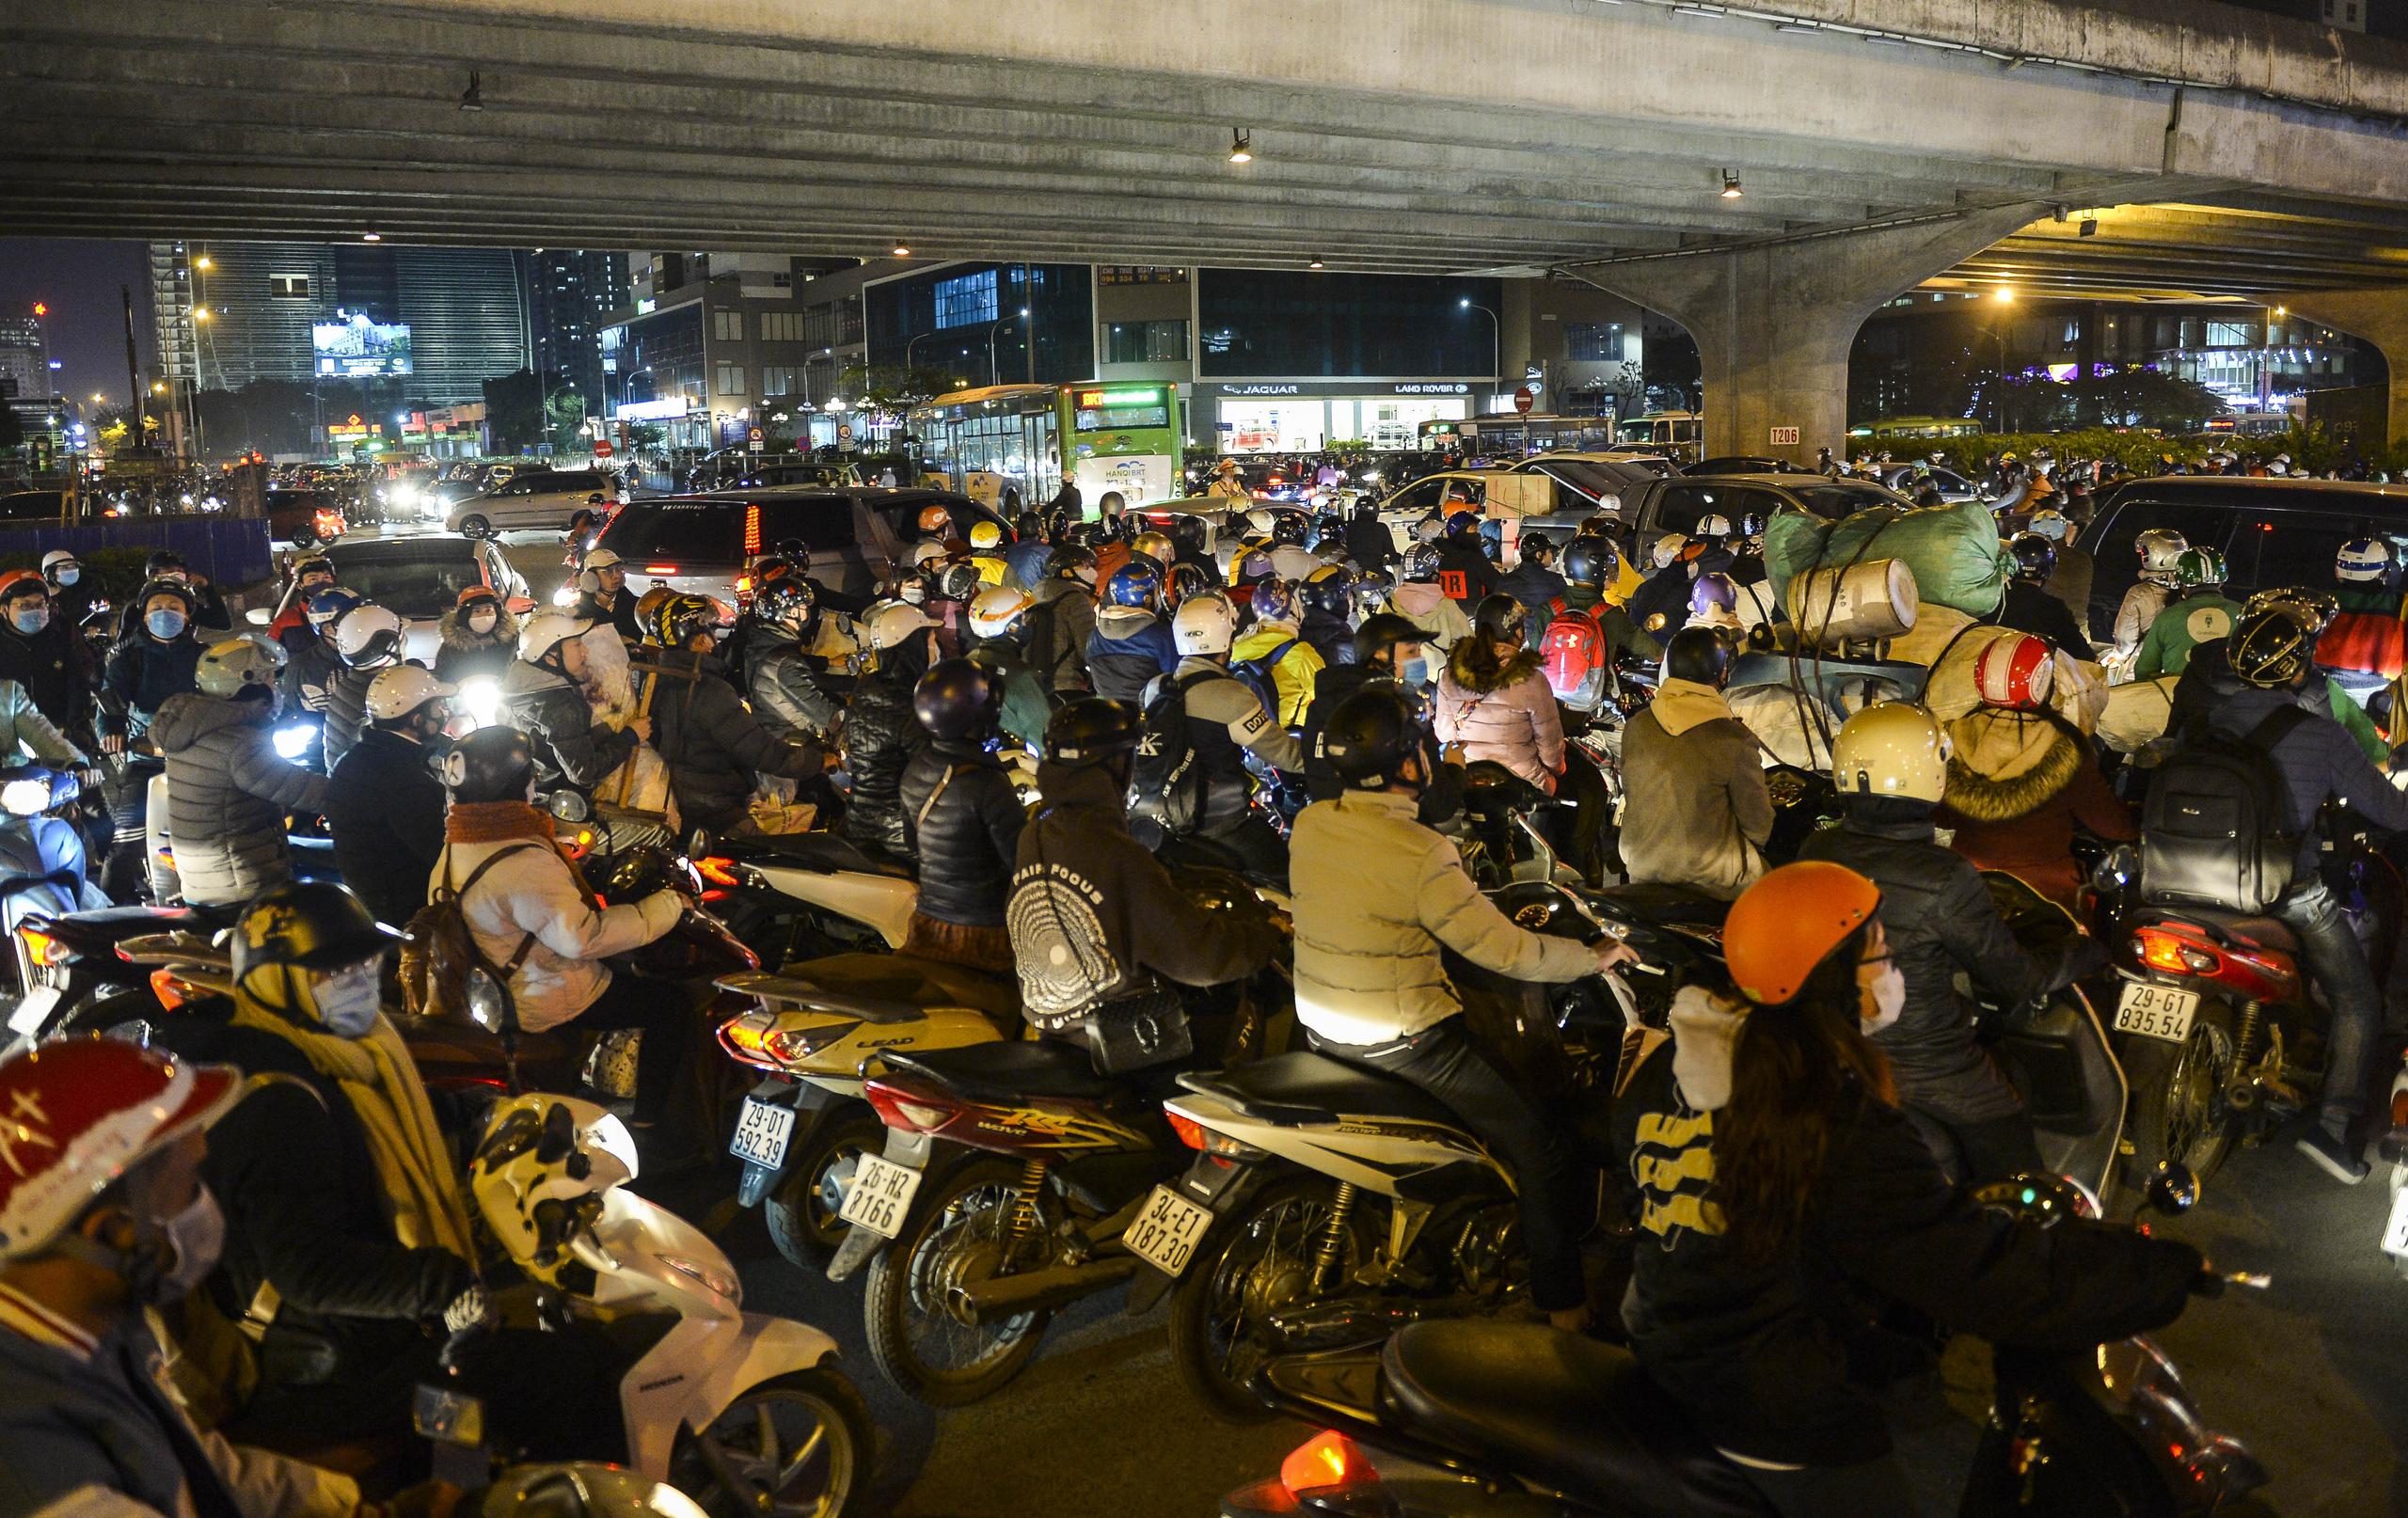 Chùm ảnh đường phố Hà Nội đông kín người từ chiều đến tối ngày cuối năm 2020 - Ảnh 7.